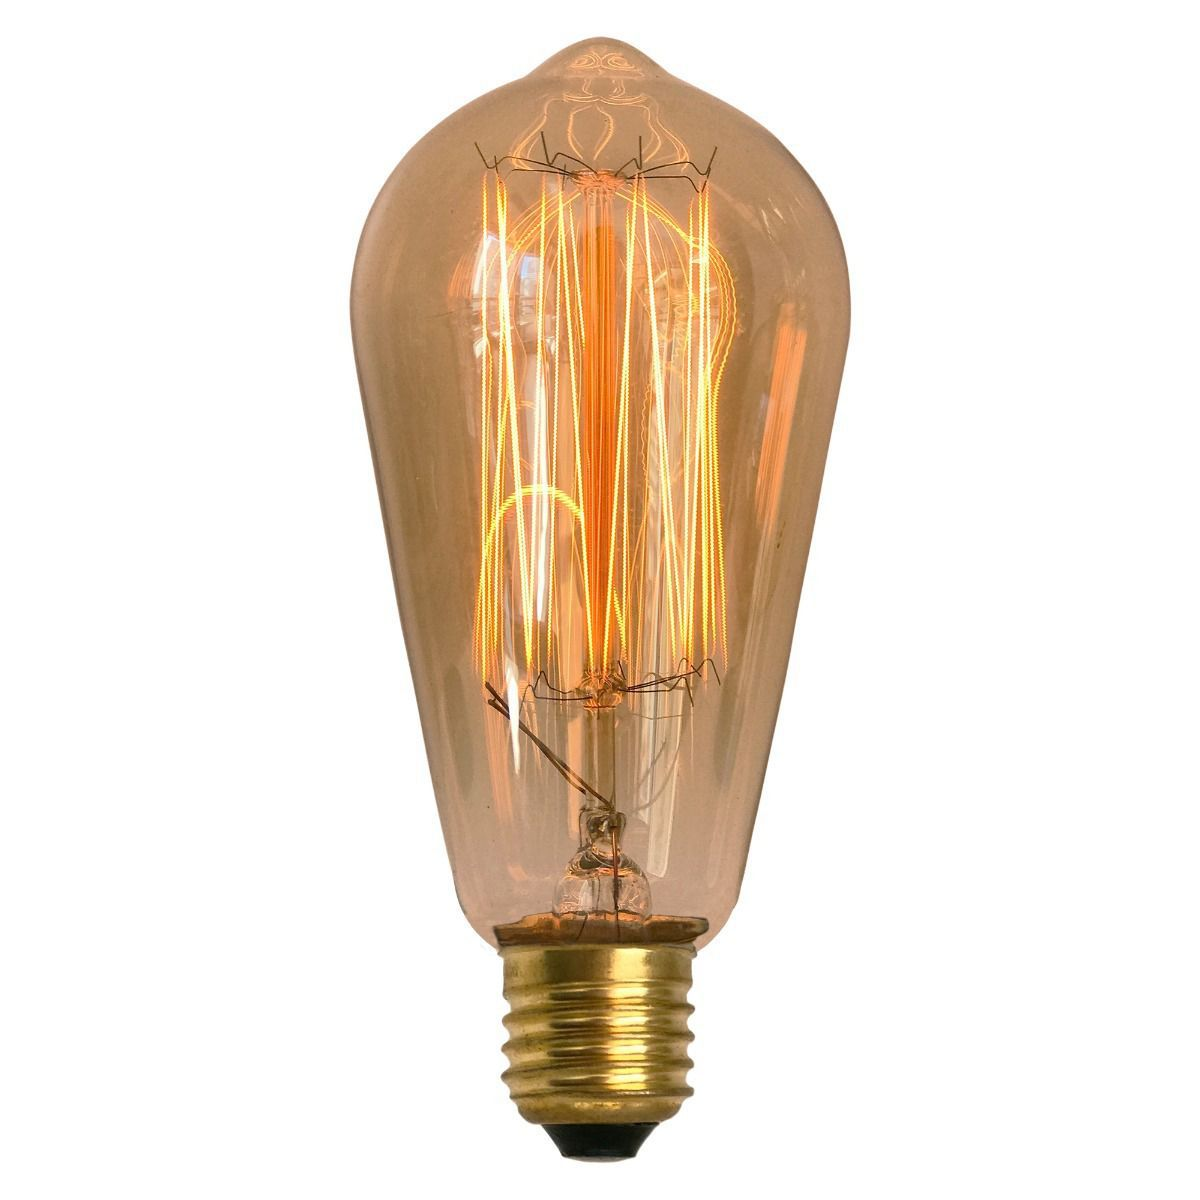 Kit 10 Lâmpadas 4w St58/e27 - Bulbo - Filamento De Carbono